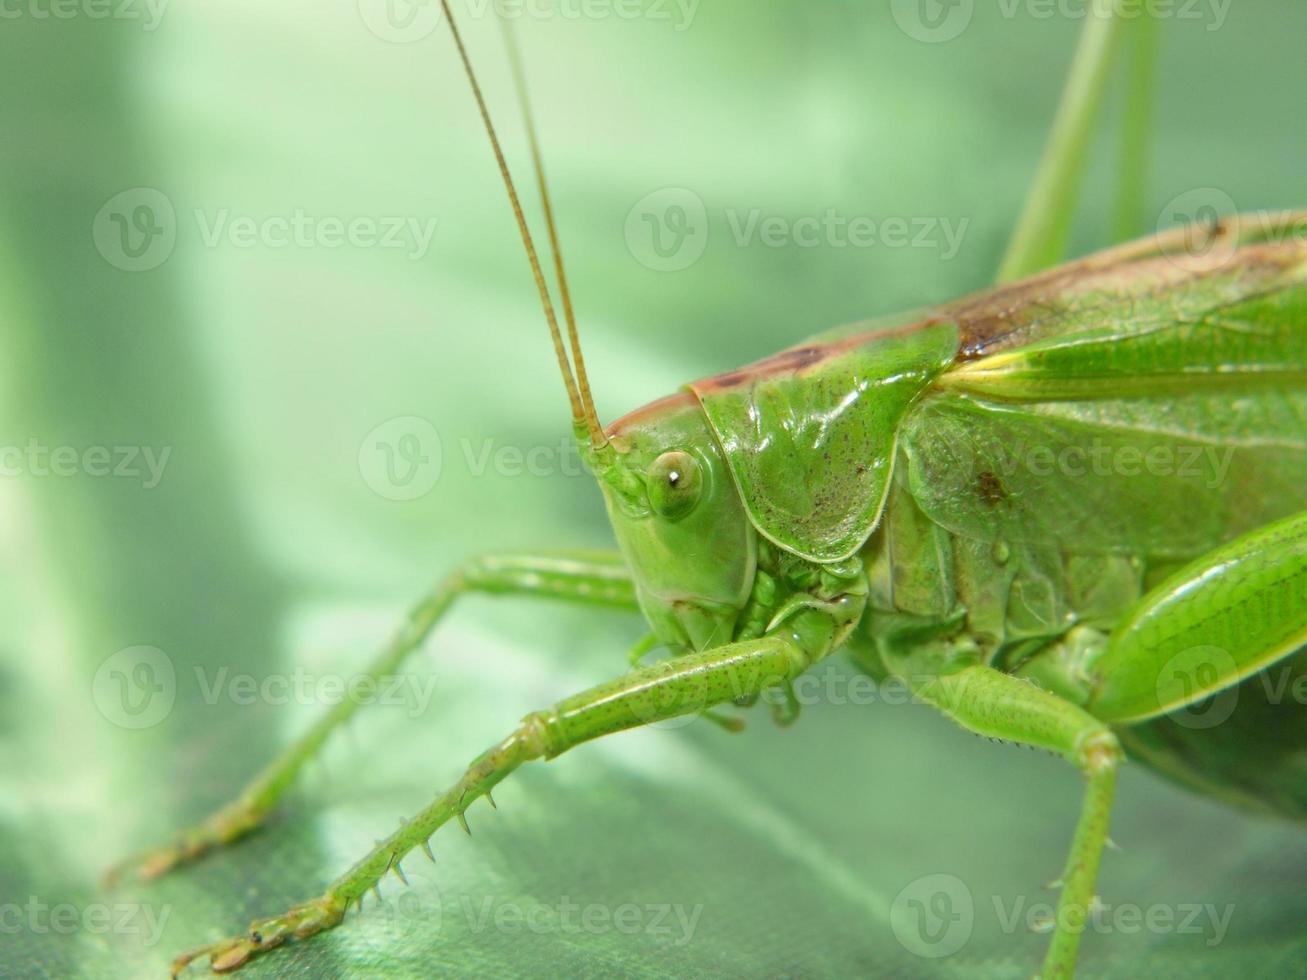 groene sprinkhaan. foto